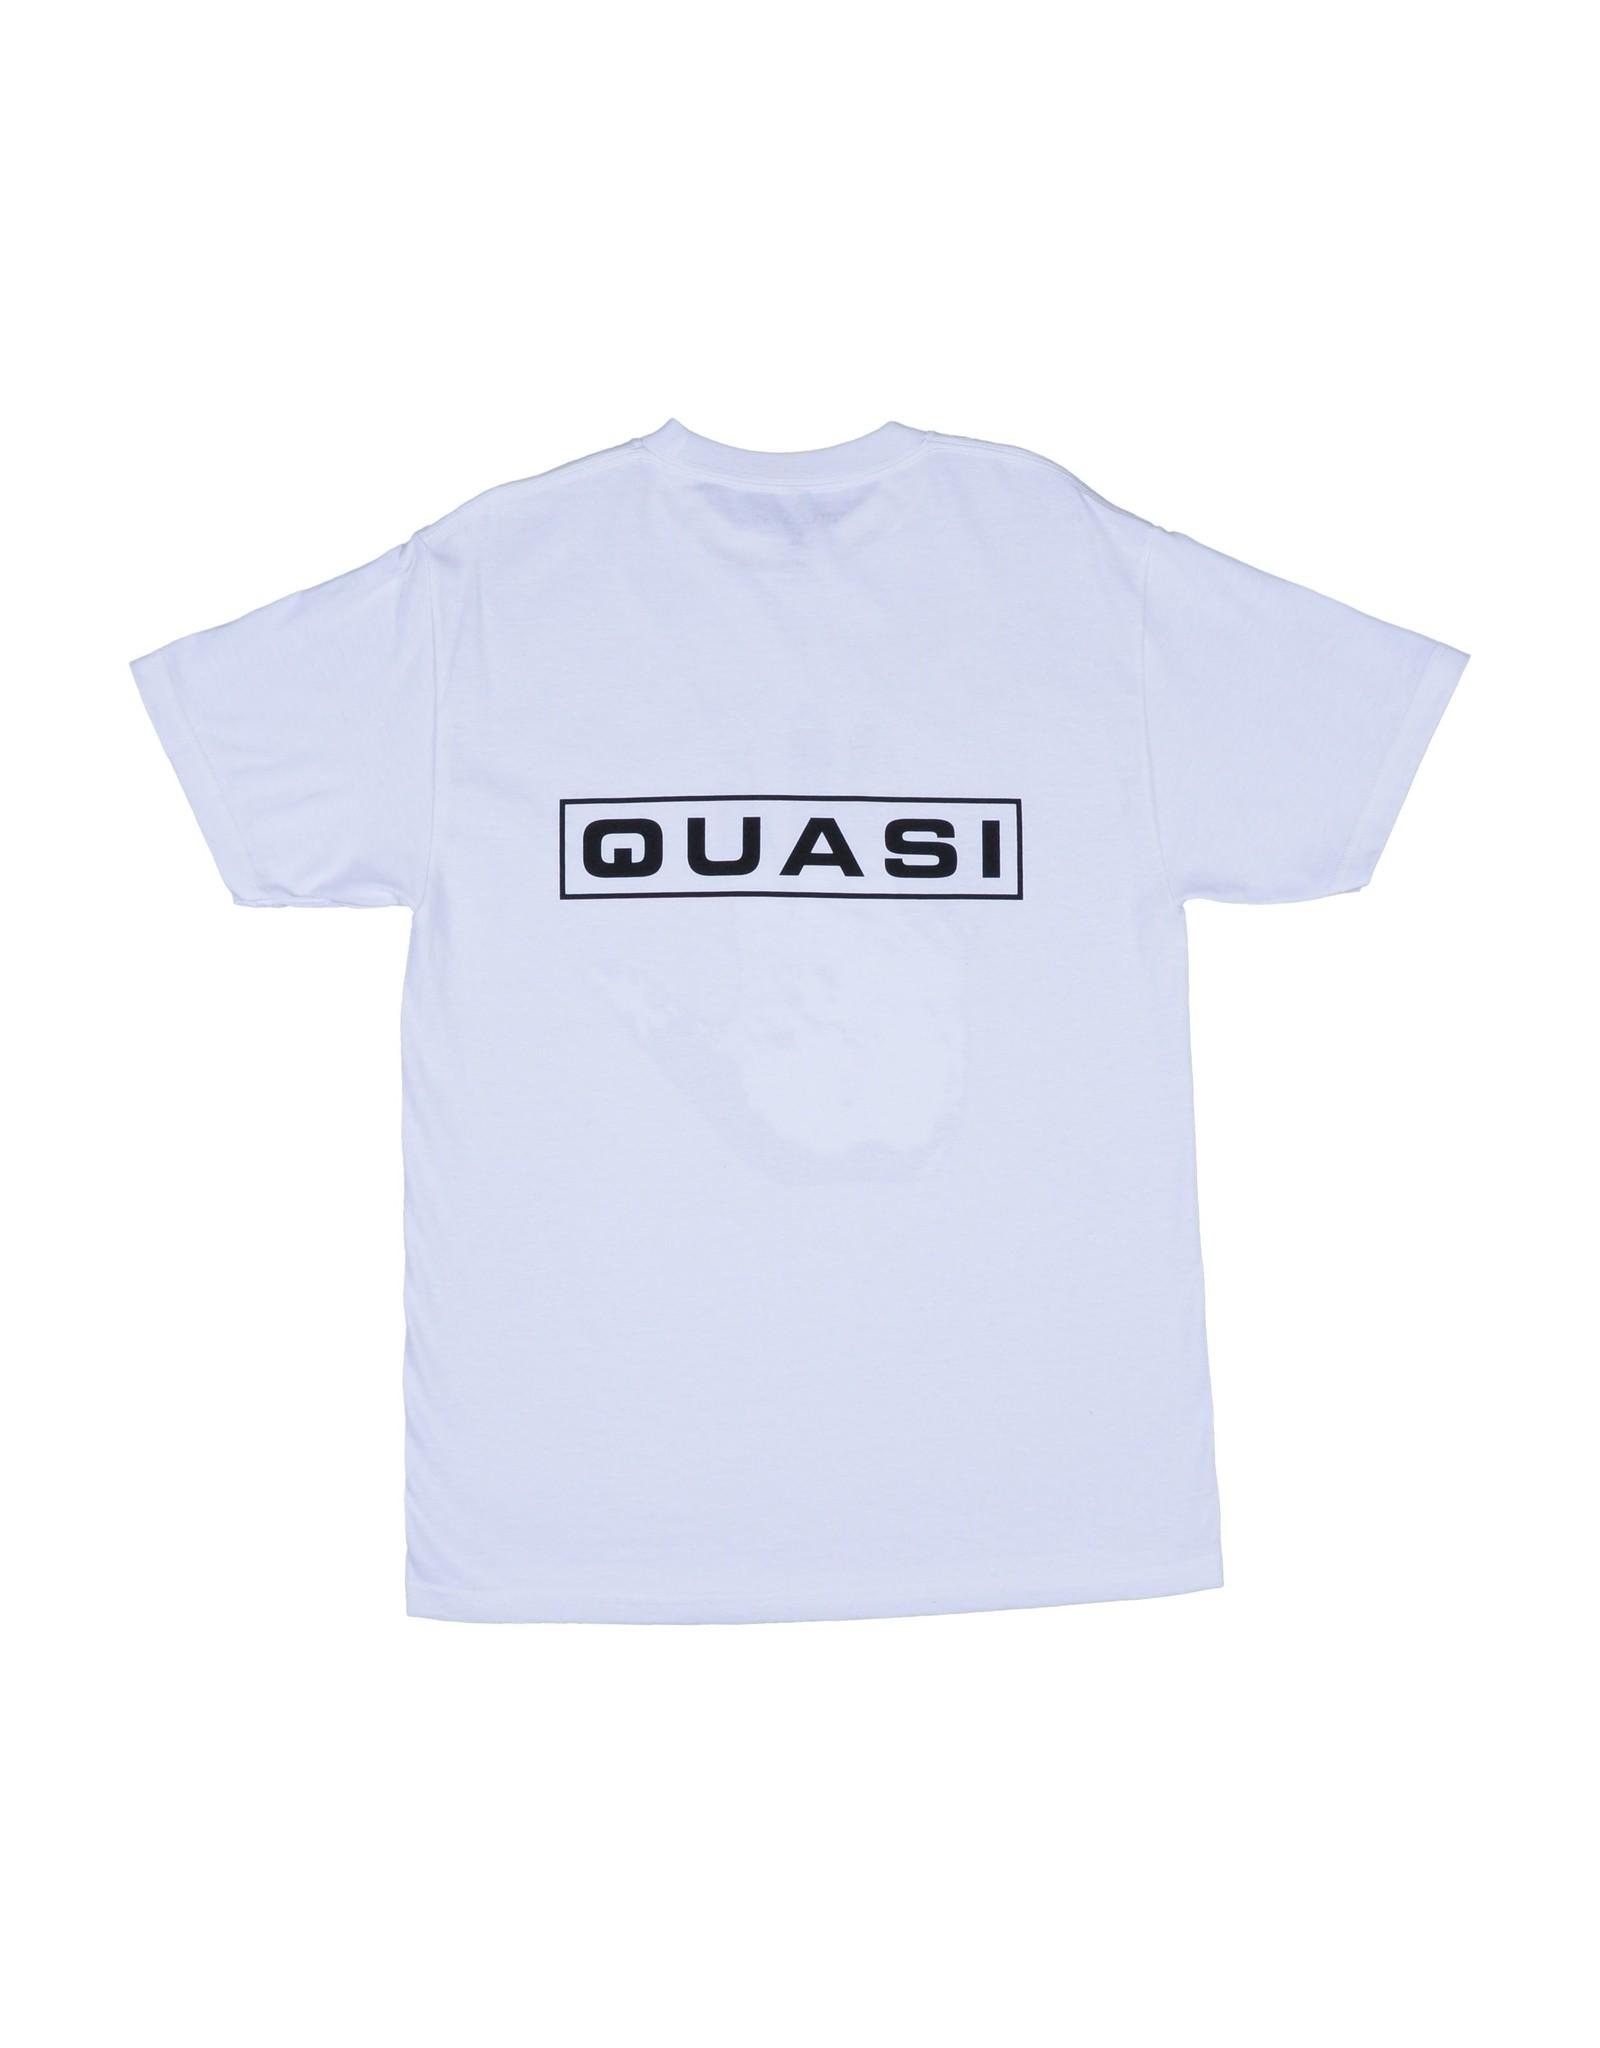 QUASI QUASI - HOTHAND - WHITE